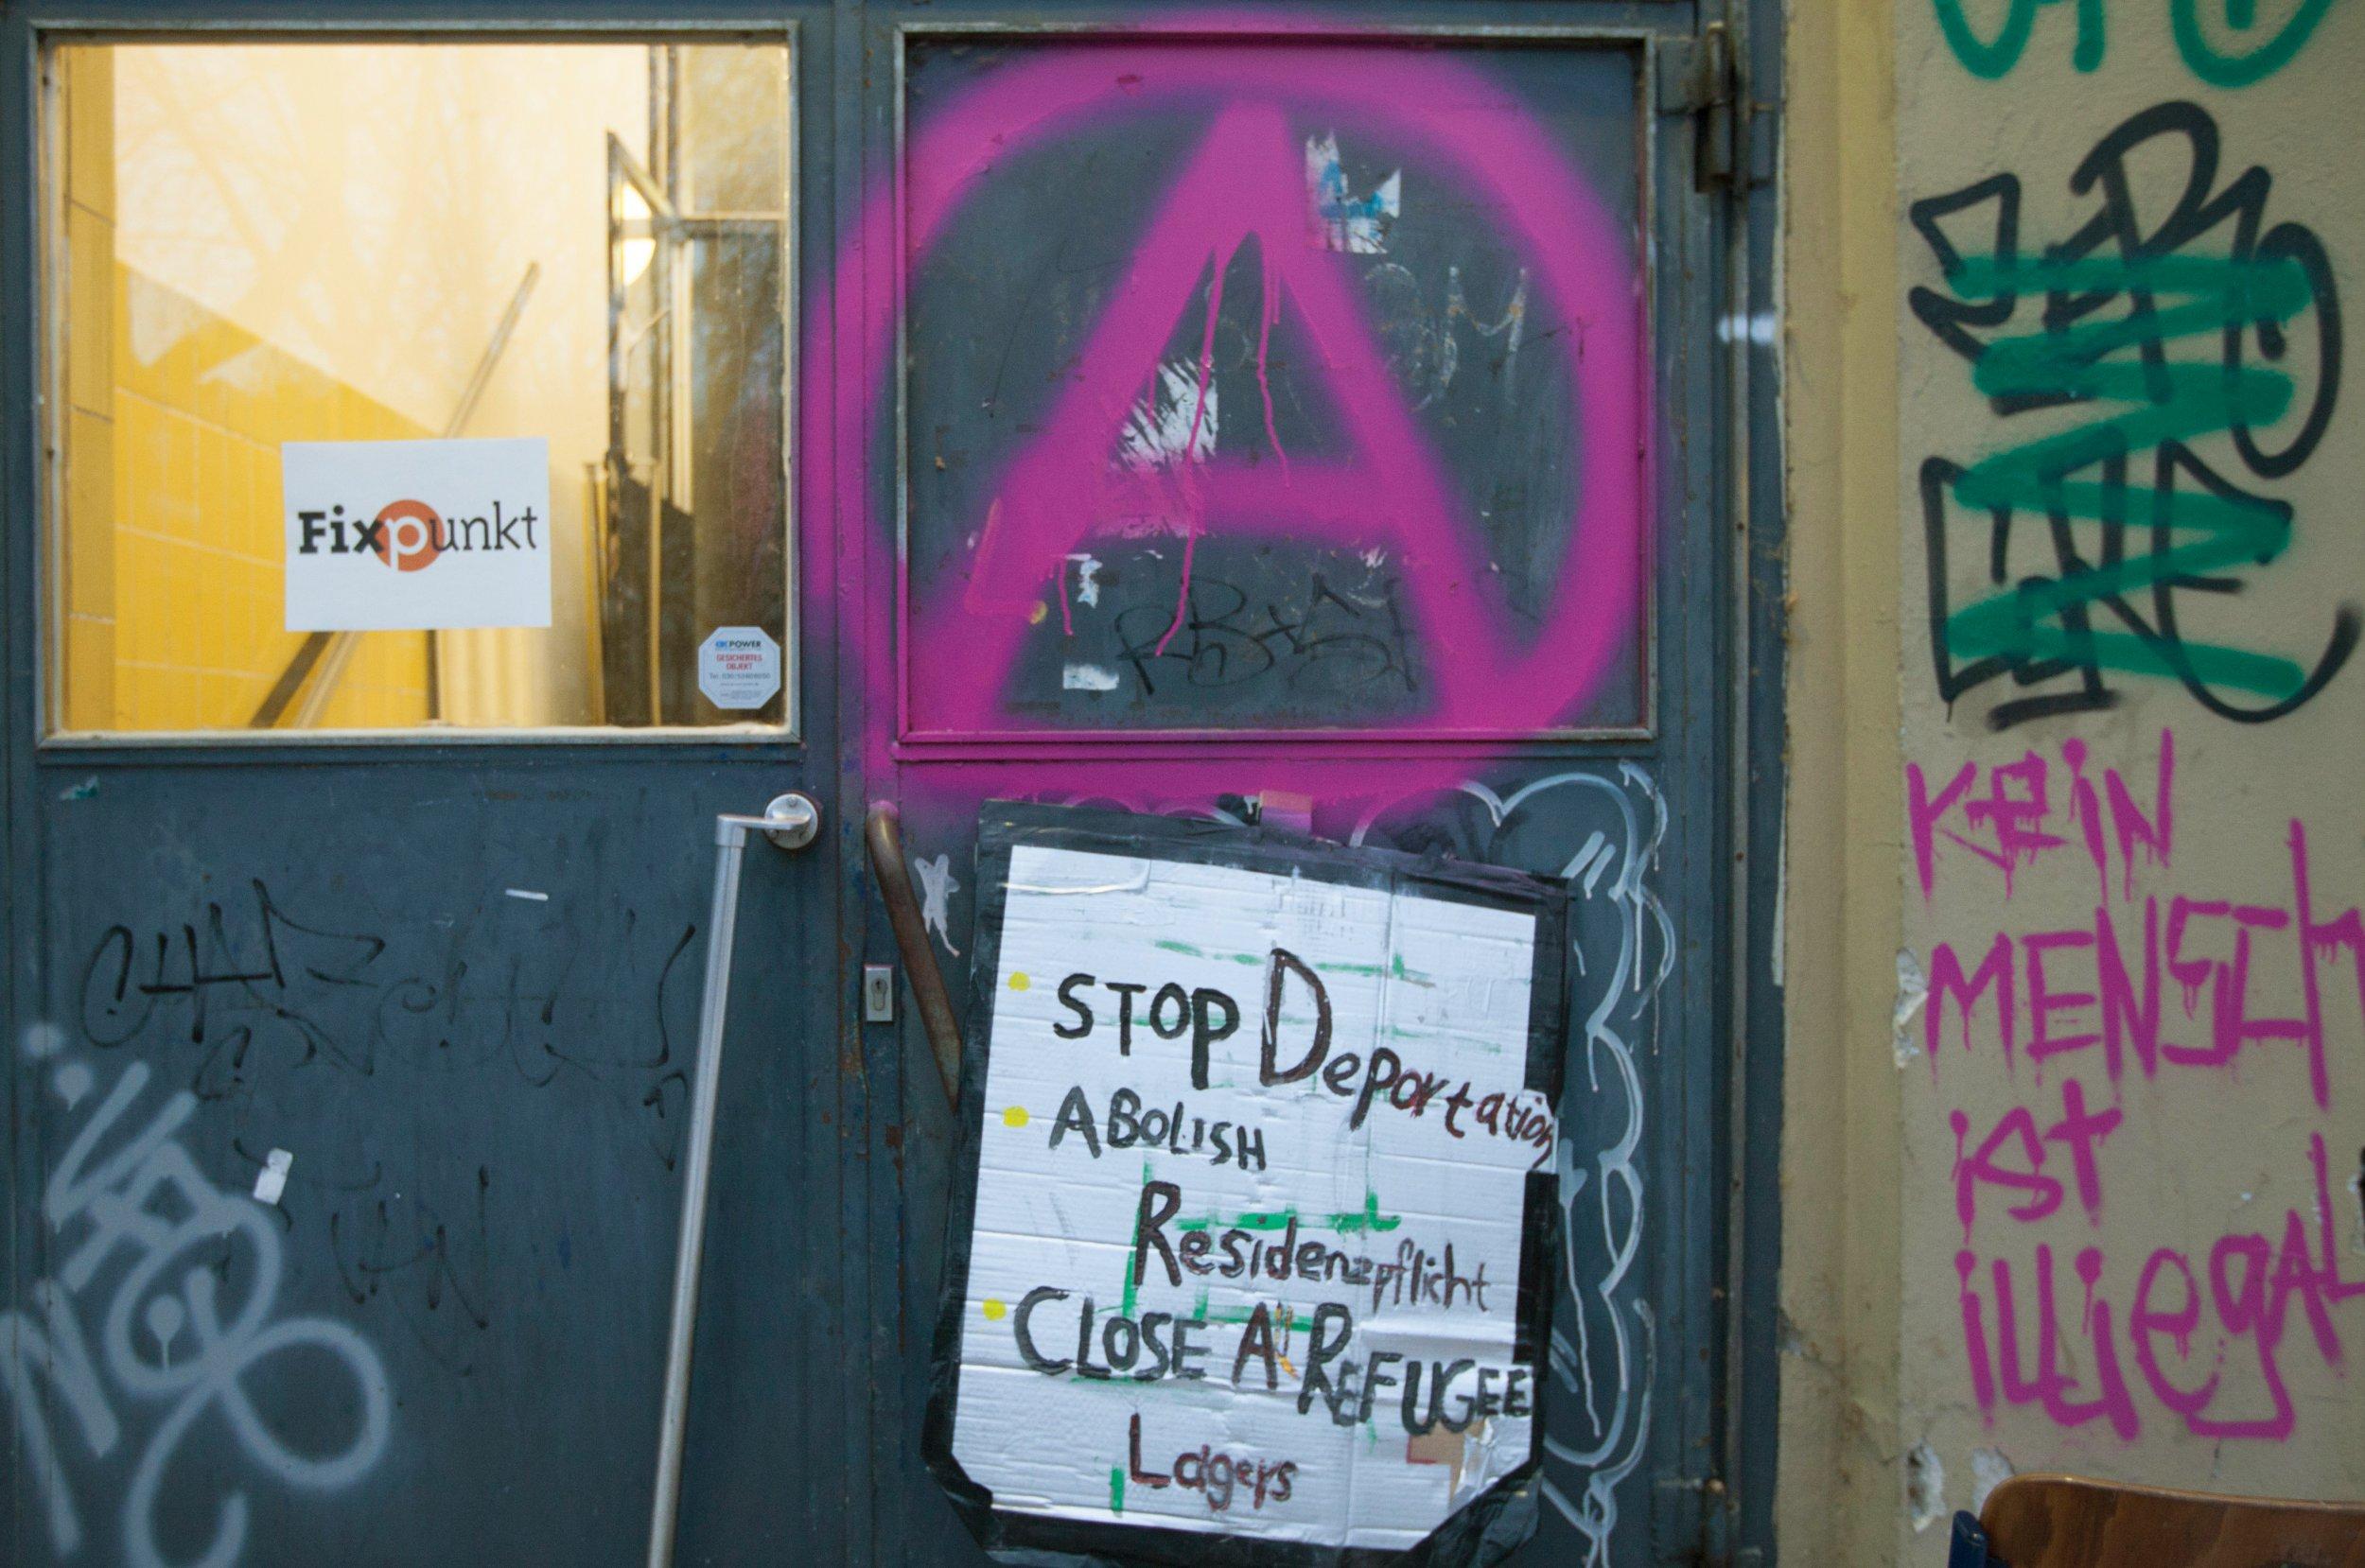 Graffiti on wall,